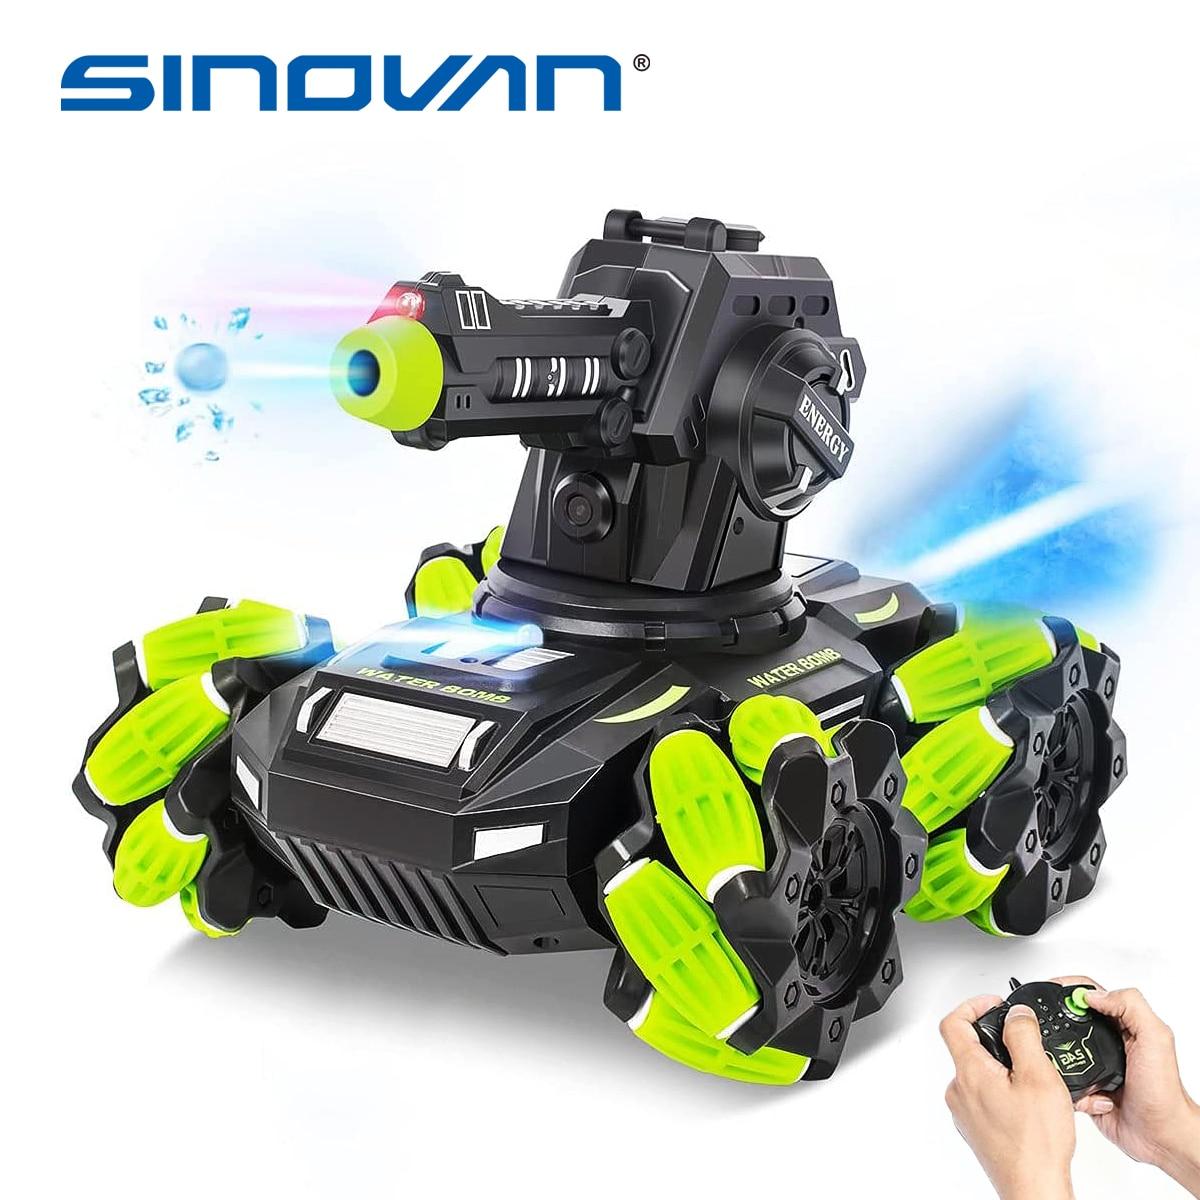 Sinovan RC Tank Shooting водяные пули 360 ° вращающаяся Водяная бомба RC автомобиль 2,4 Ghz игрушки с пультом дистанционного управления светодиодный игрушечный спрей для детей подарок